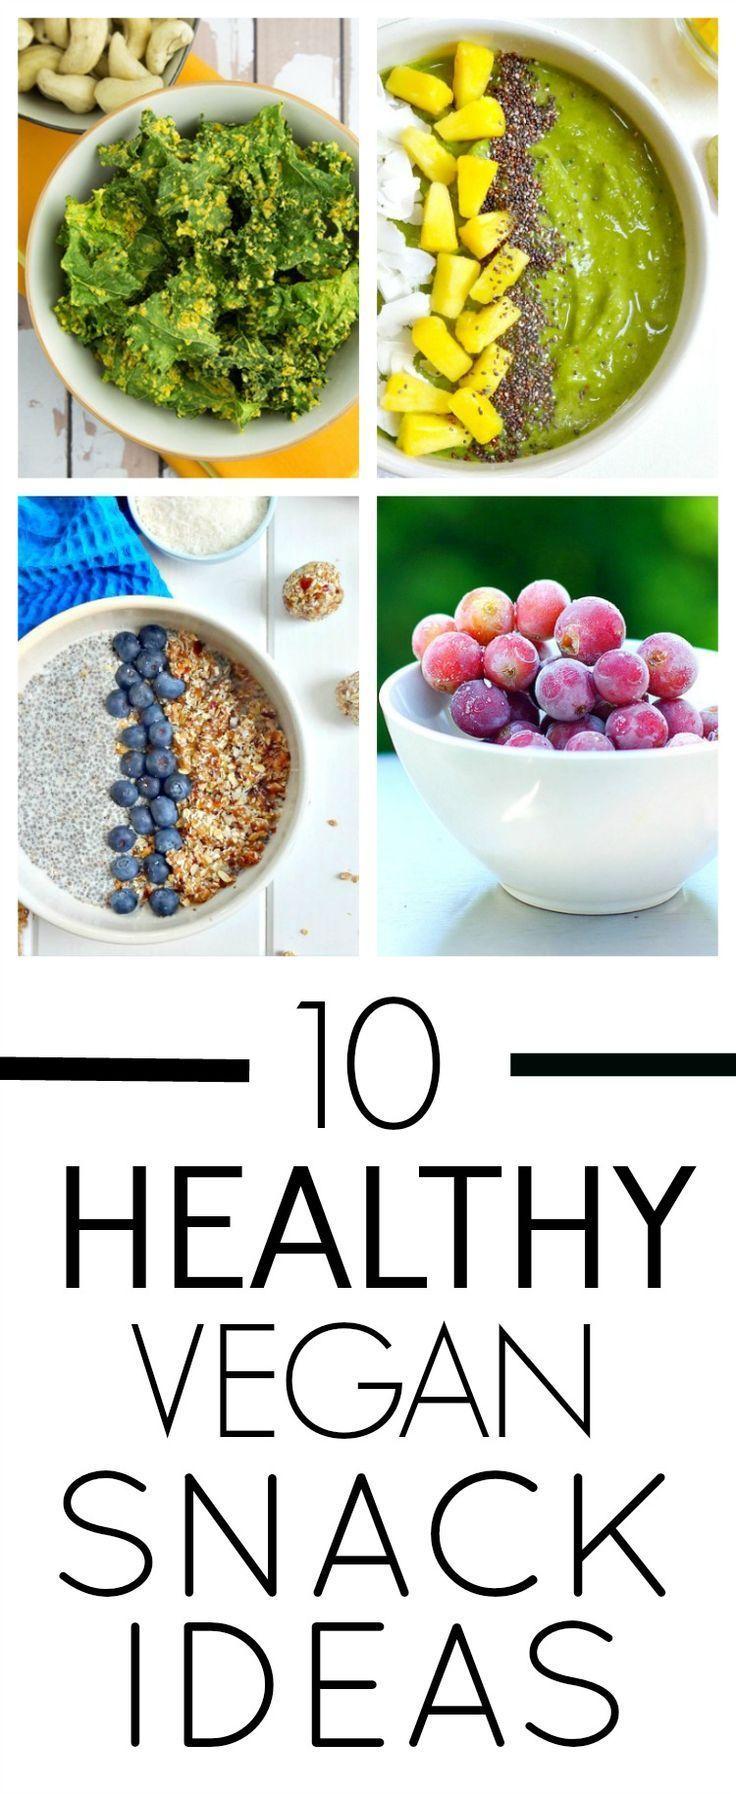 82 Reference Of Paleo Vegan Plant Based Primal Recipes In 2020 Healthy Vegan Snacks Vegetarian Snacks Vegan Snacks